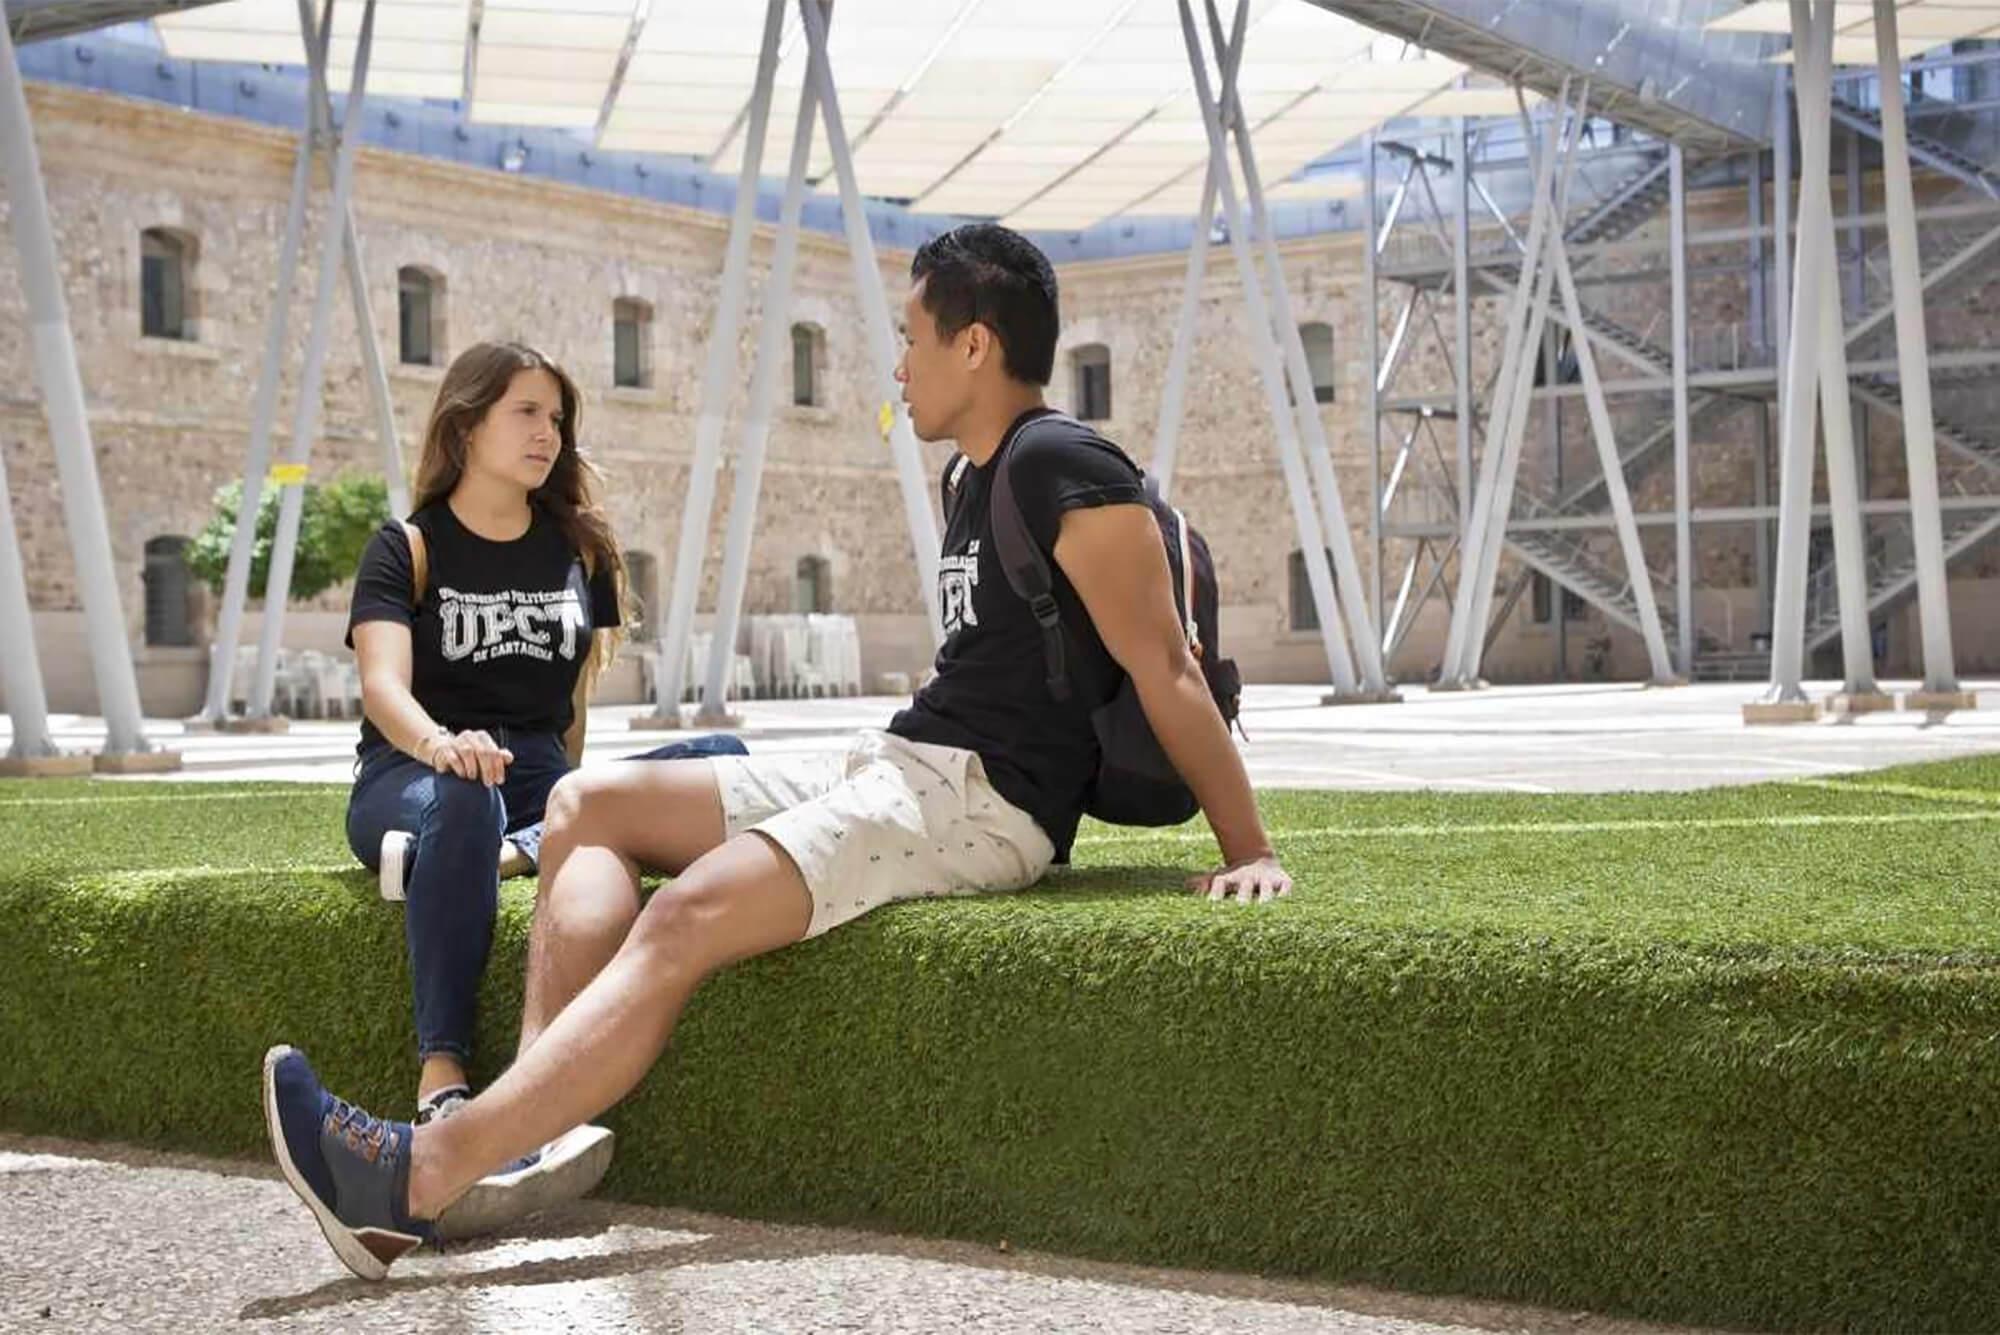 upct-campus